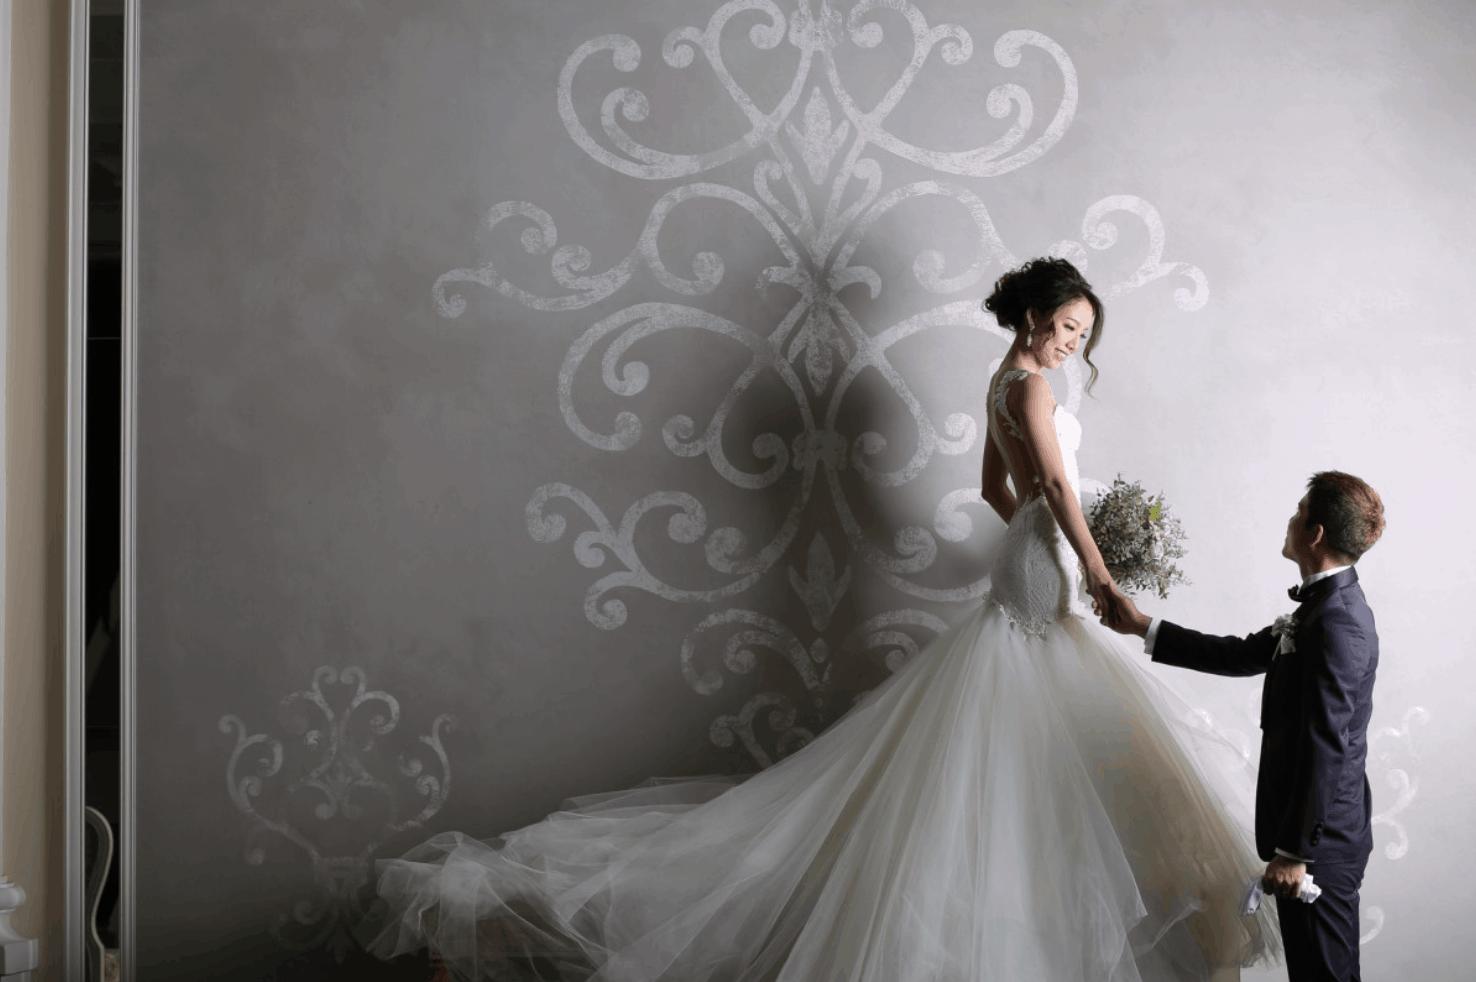 憧れ《マーメイドドレス》人気デザイン特集♡トータルコーデと購入先もご紹介!のカバー写真